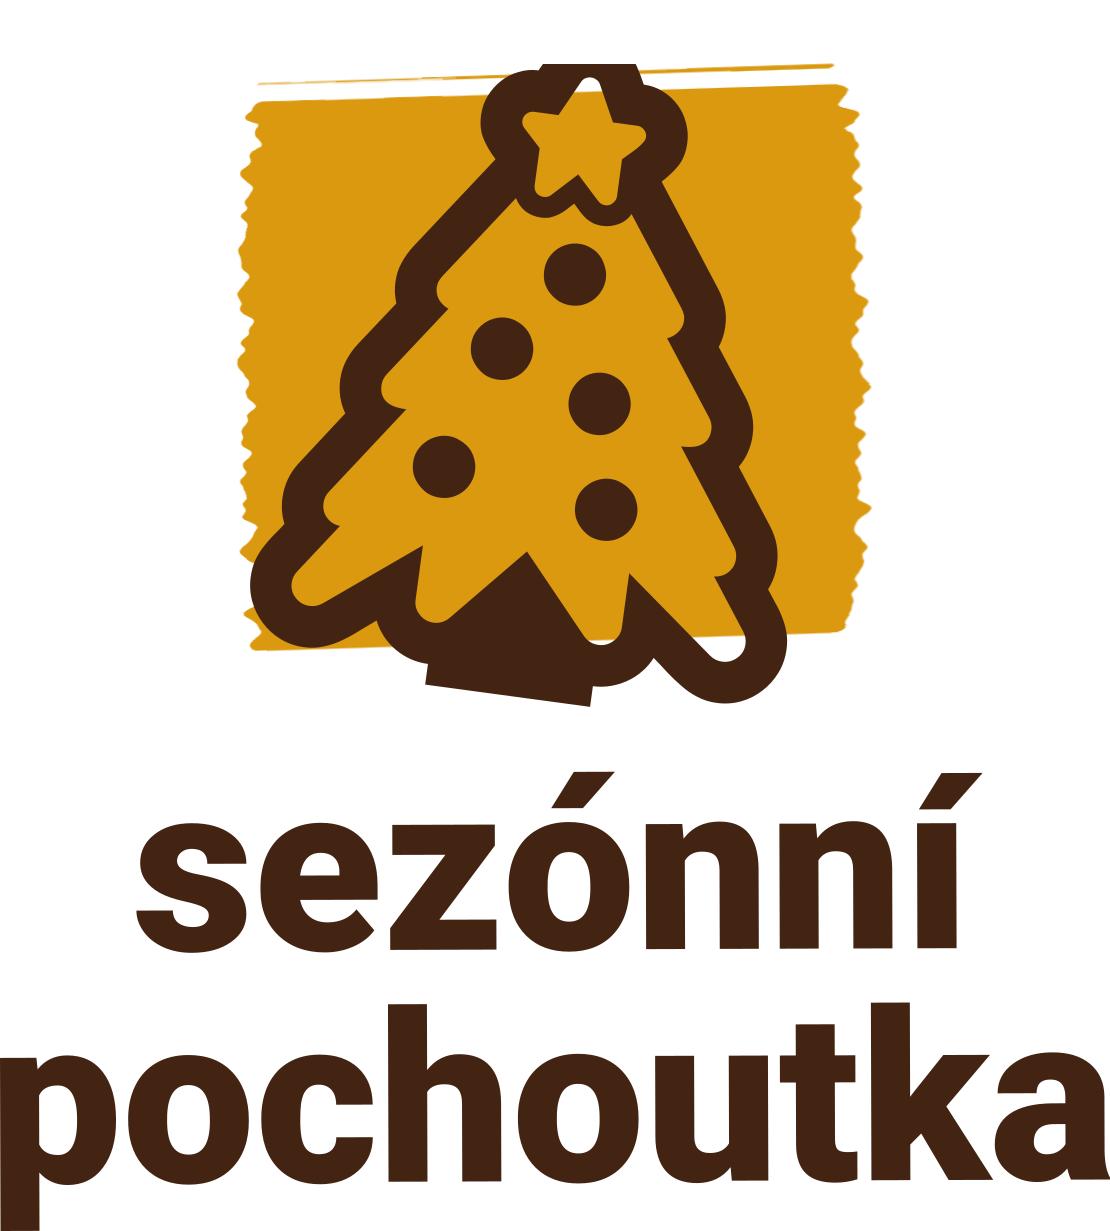 seznonni-vanocni-pochoutka